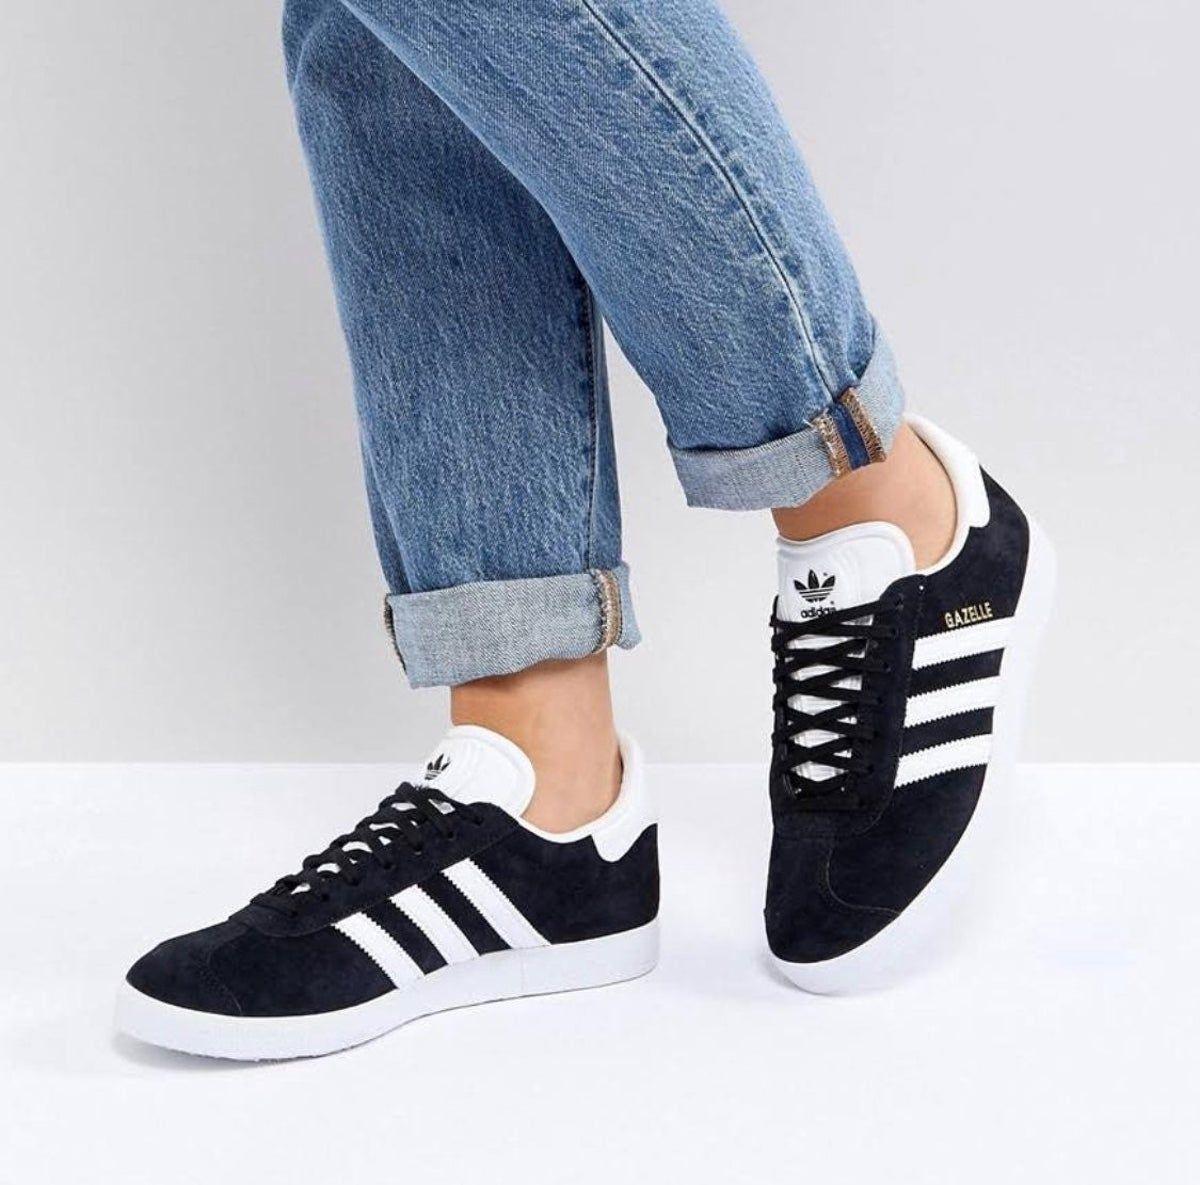 asos gazelle mens buy clothes shoes online